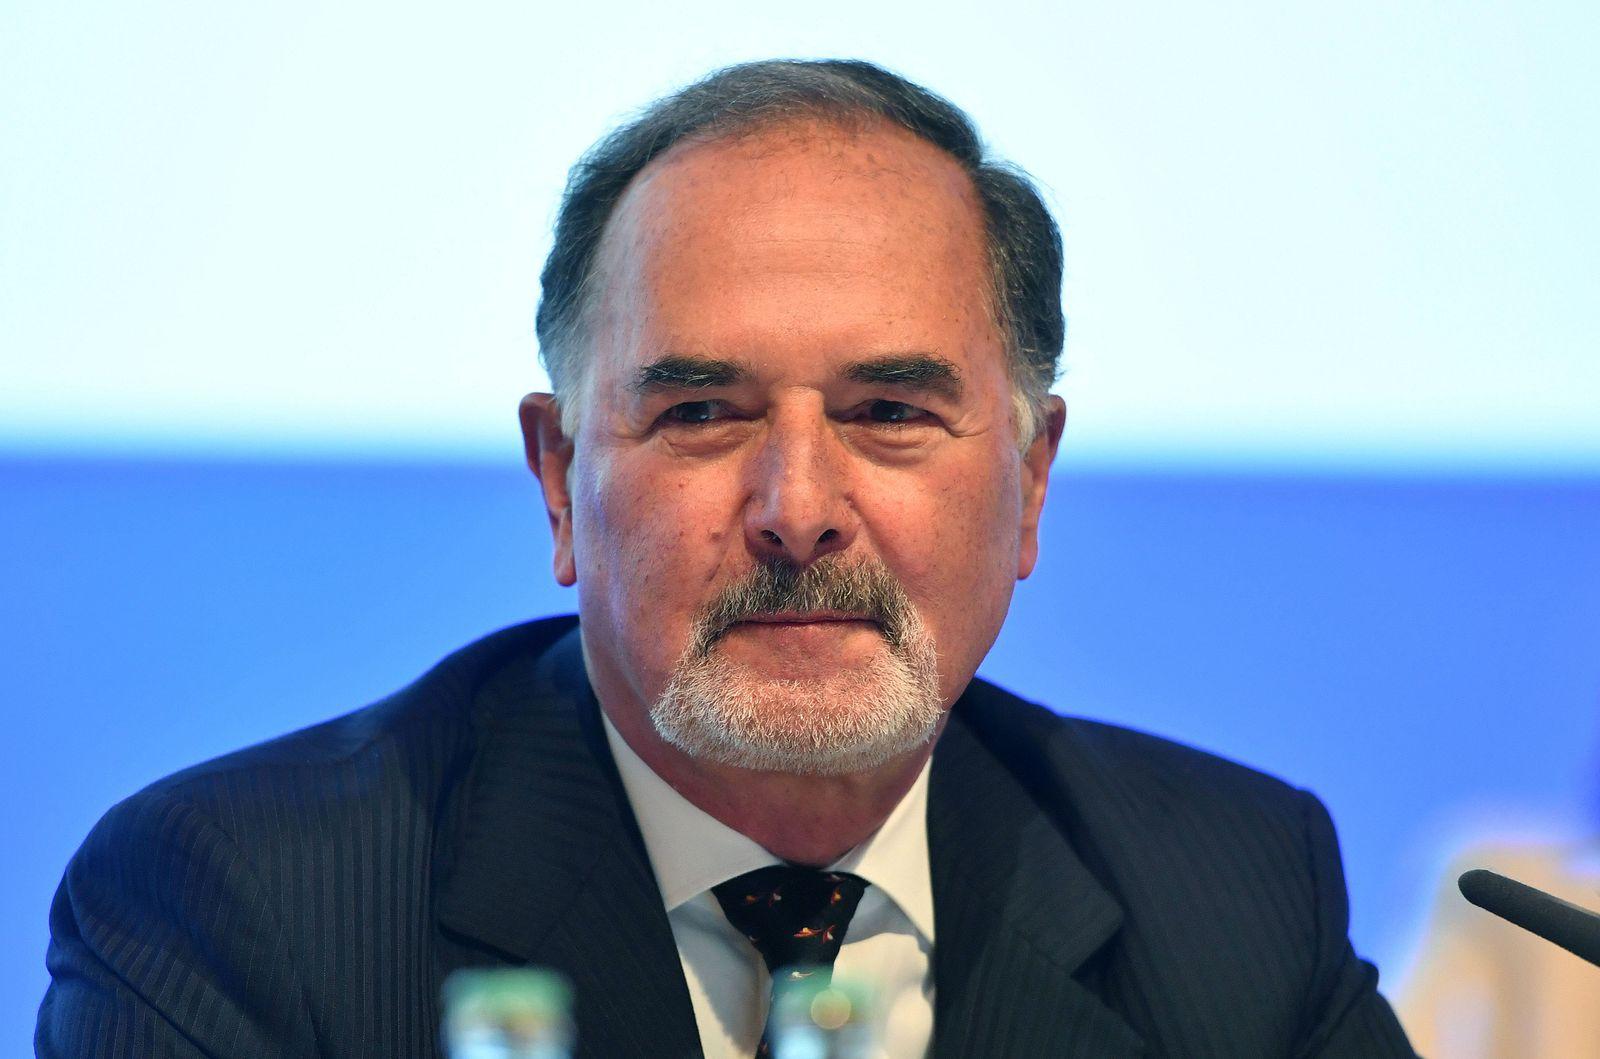 Bernd PISCHETSRIEDER Vorsitzender des Aufsichtsrats Einzelbild angeschnittenes Einzelmotiv Portra